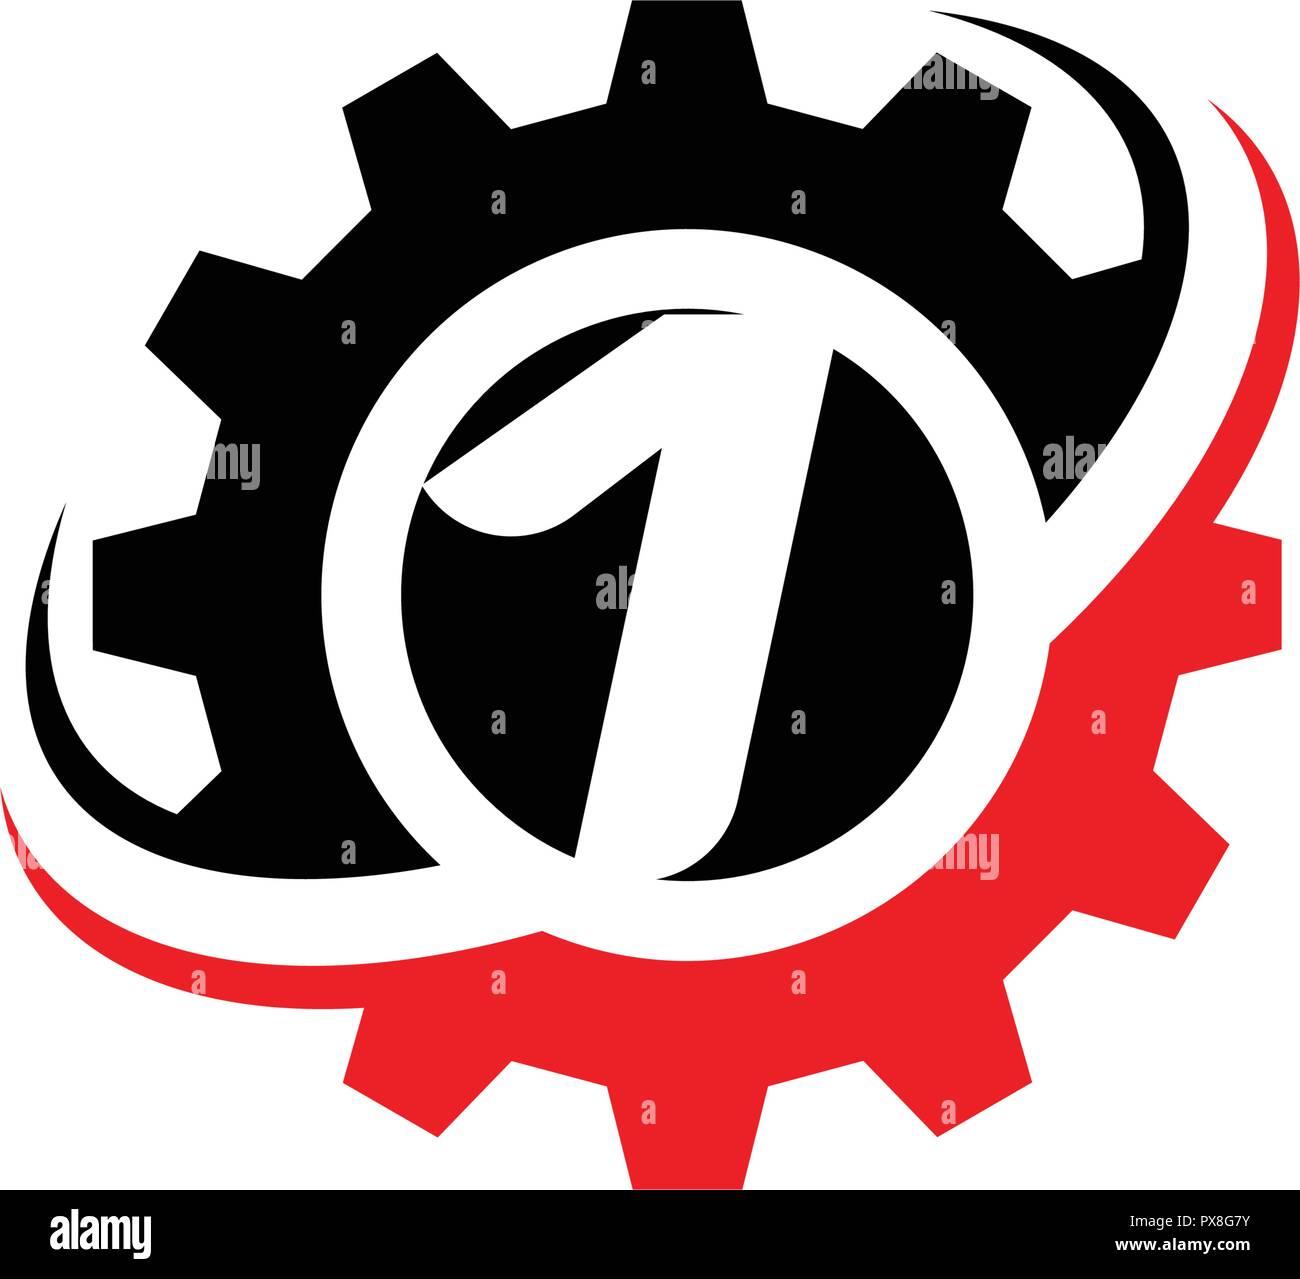 El número 1 de la plantilla de diseño de logotipo de engranajes Imagen De Stock